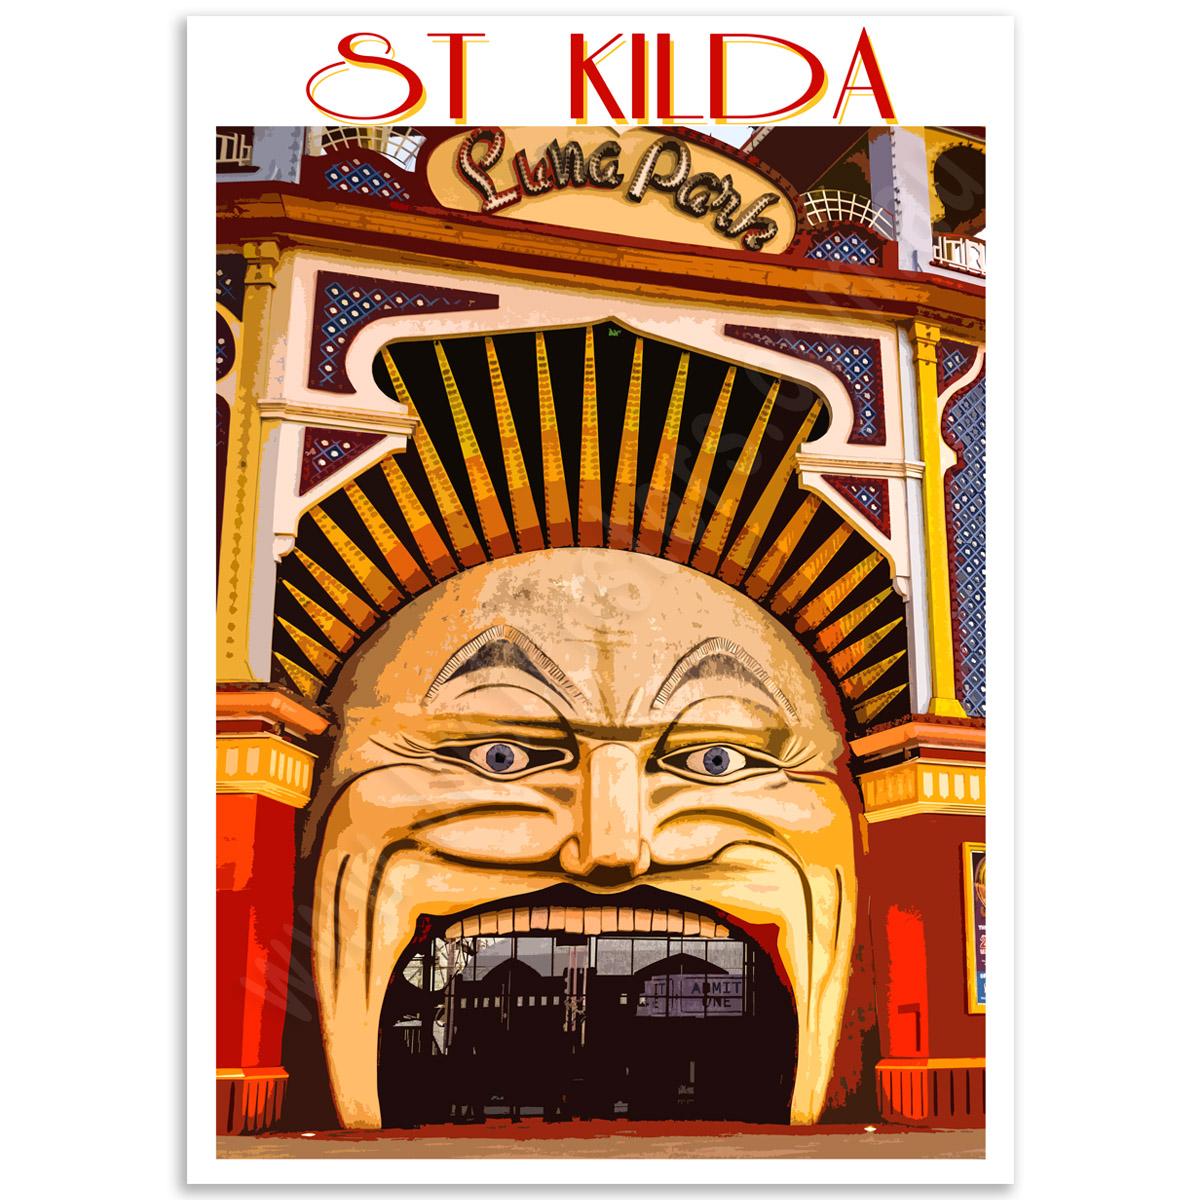 Melbourne Poster - Luna Park, St Kilda